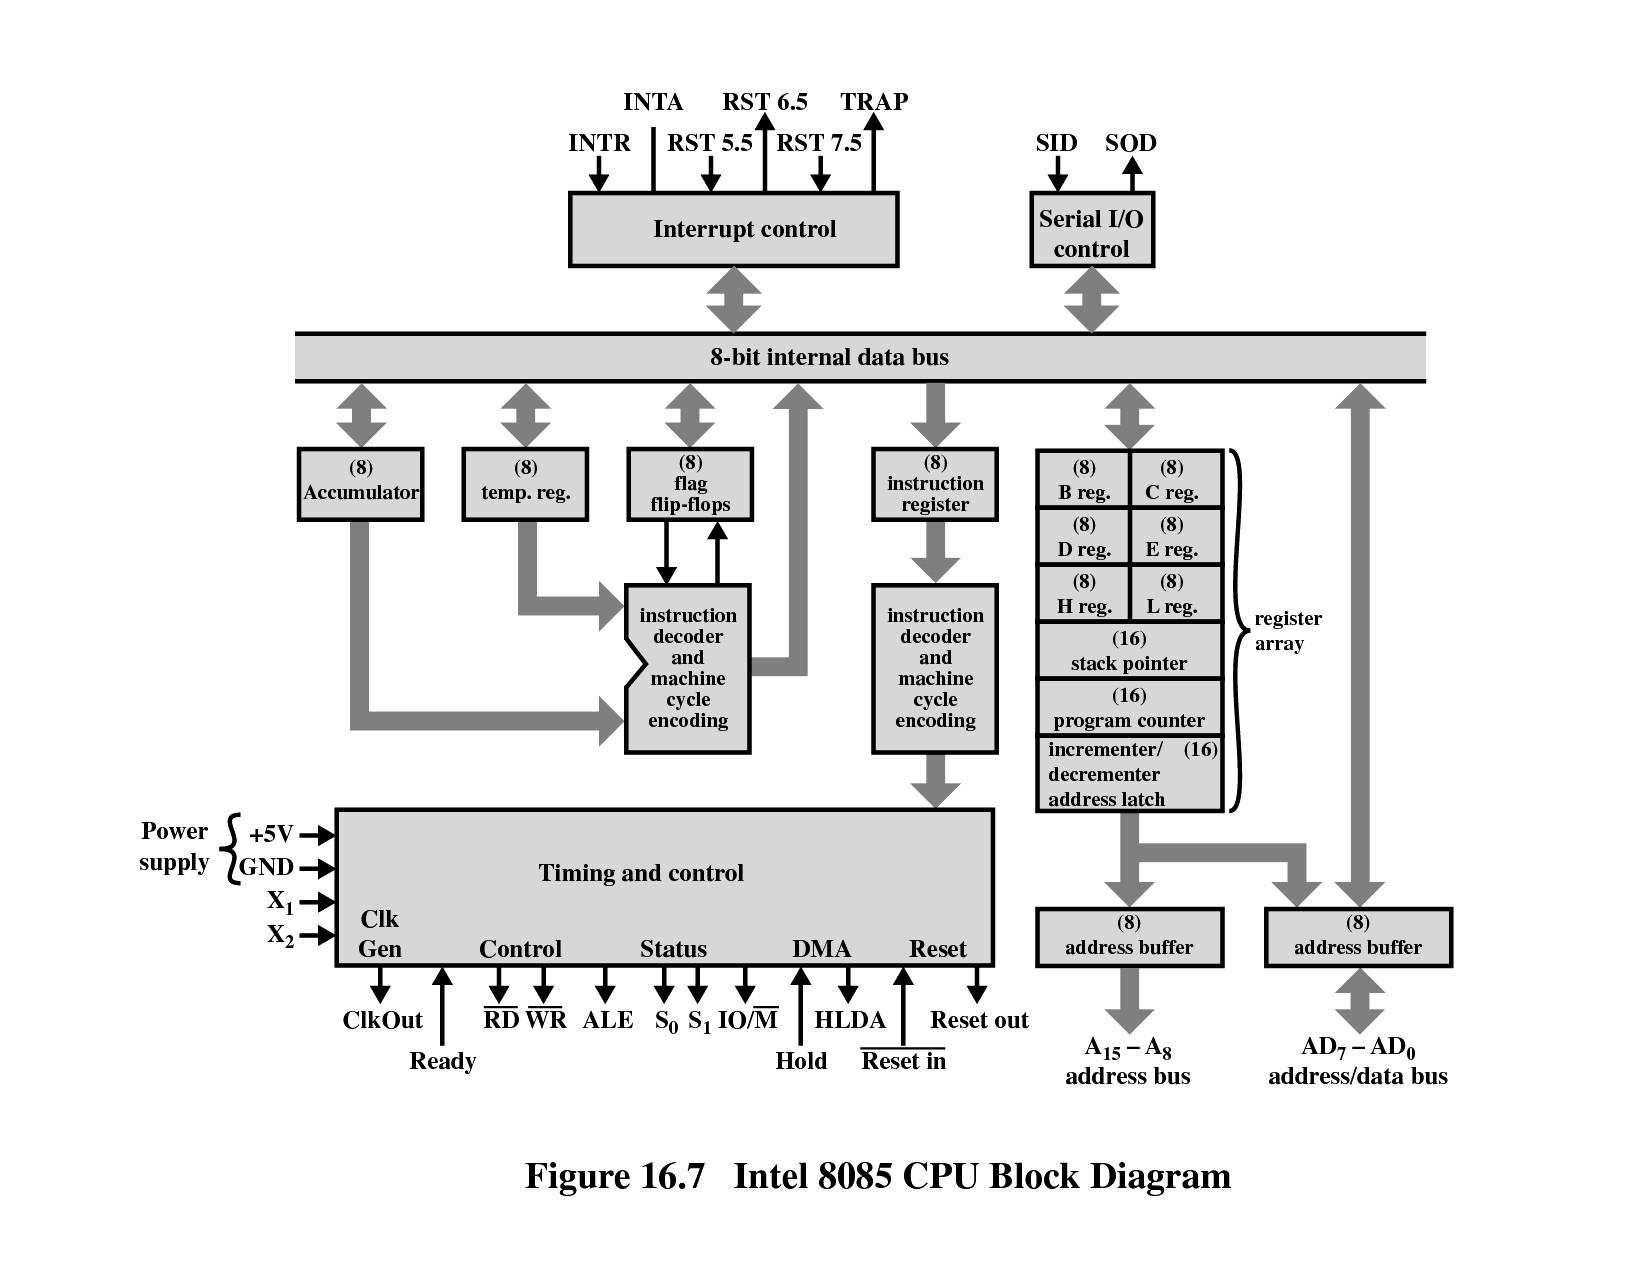 Engineering Block Diagram Gmb N270 Block Diagram Cpu Pinterest Of Engineering Block Diagram